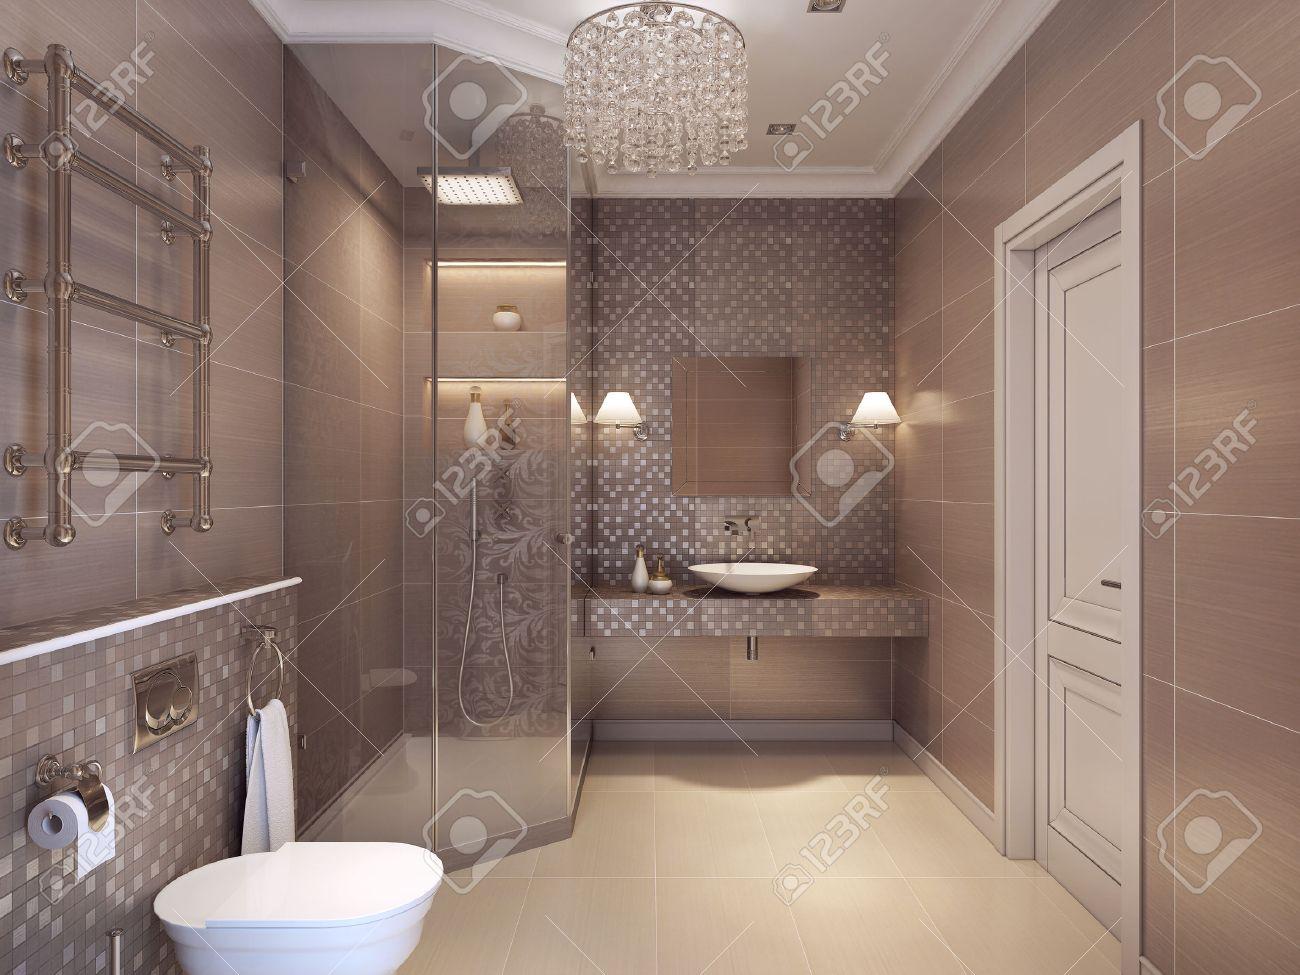 modernes badezimmer im art deco stil. dusche, wc und waschbecken, Badezimmer ideen